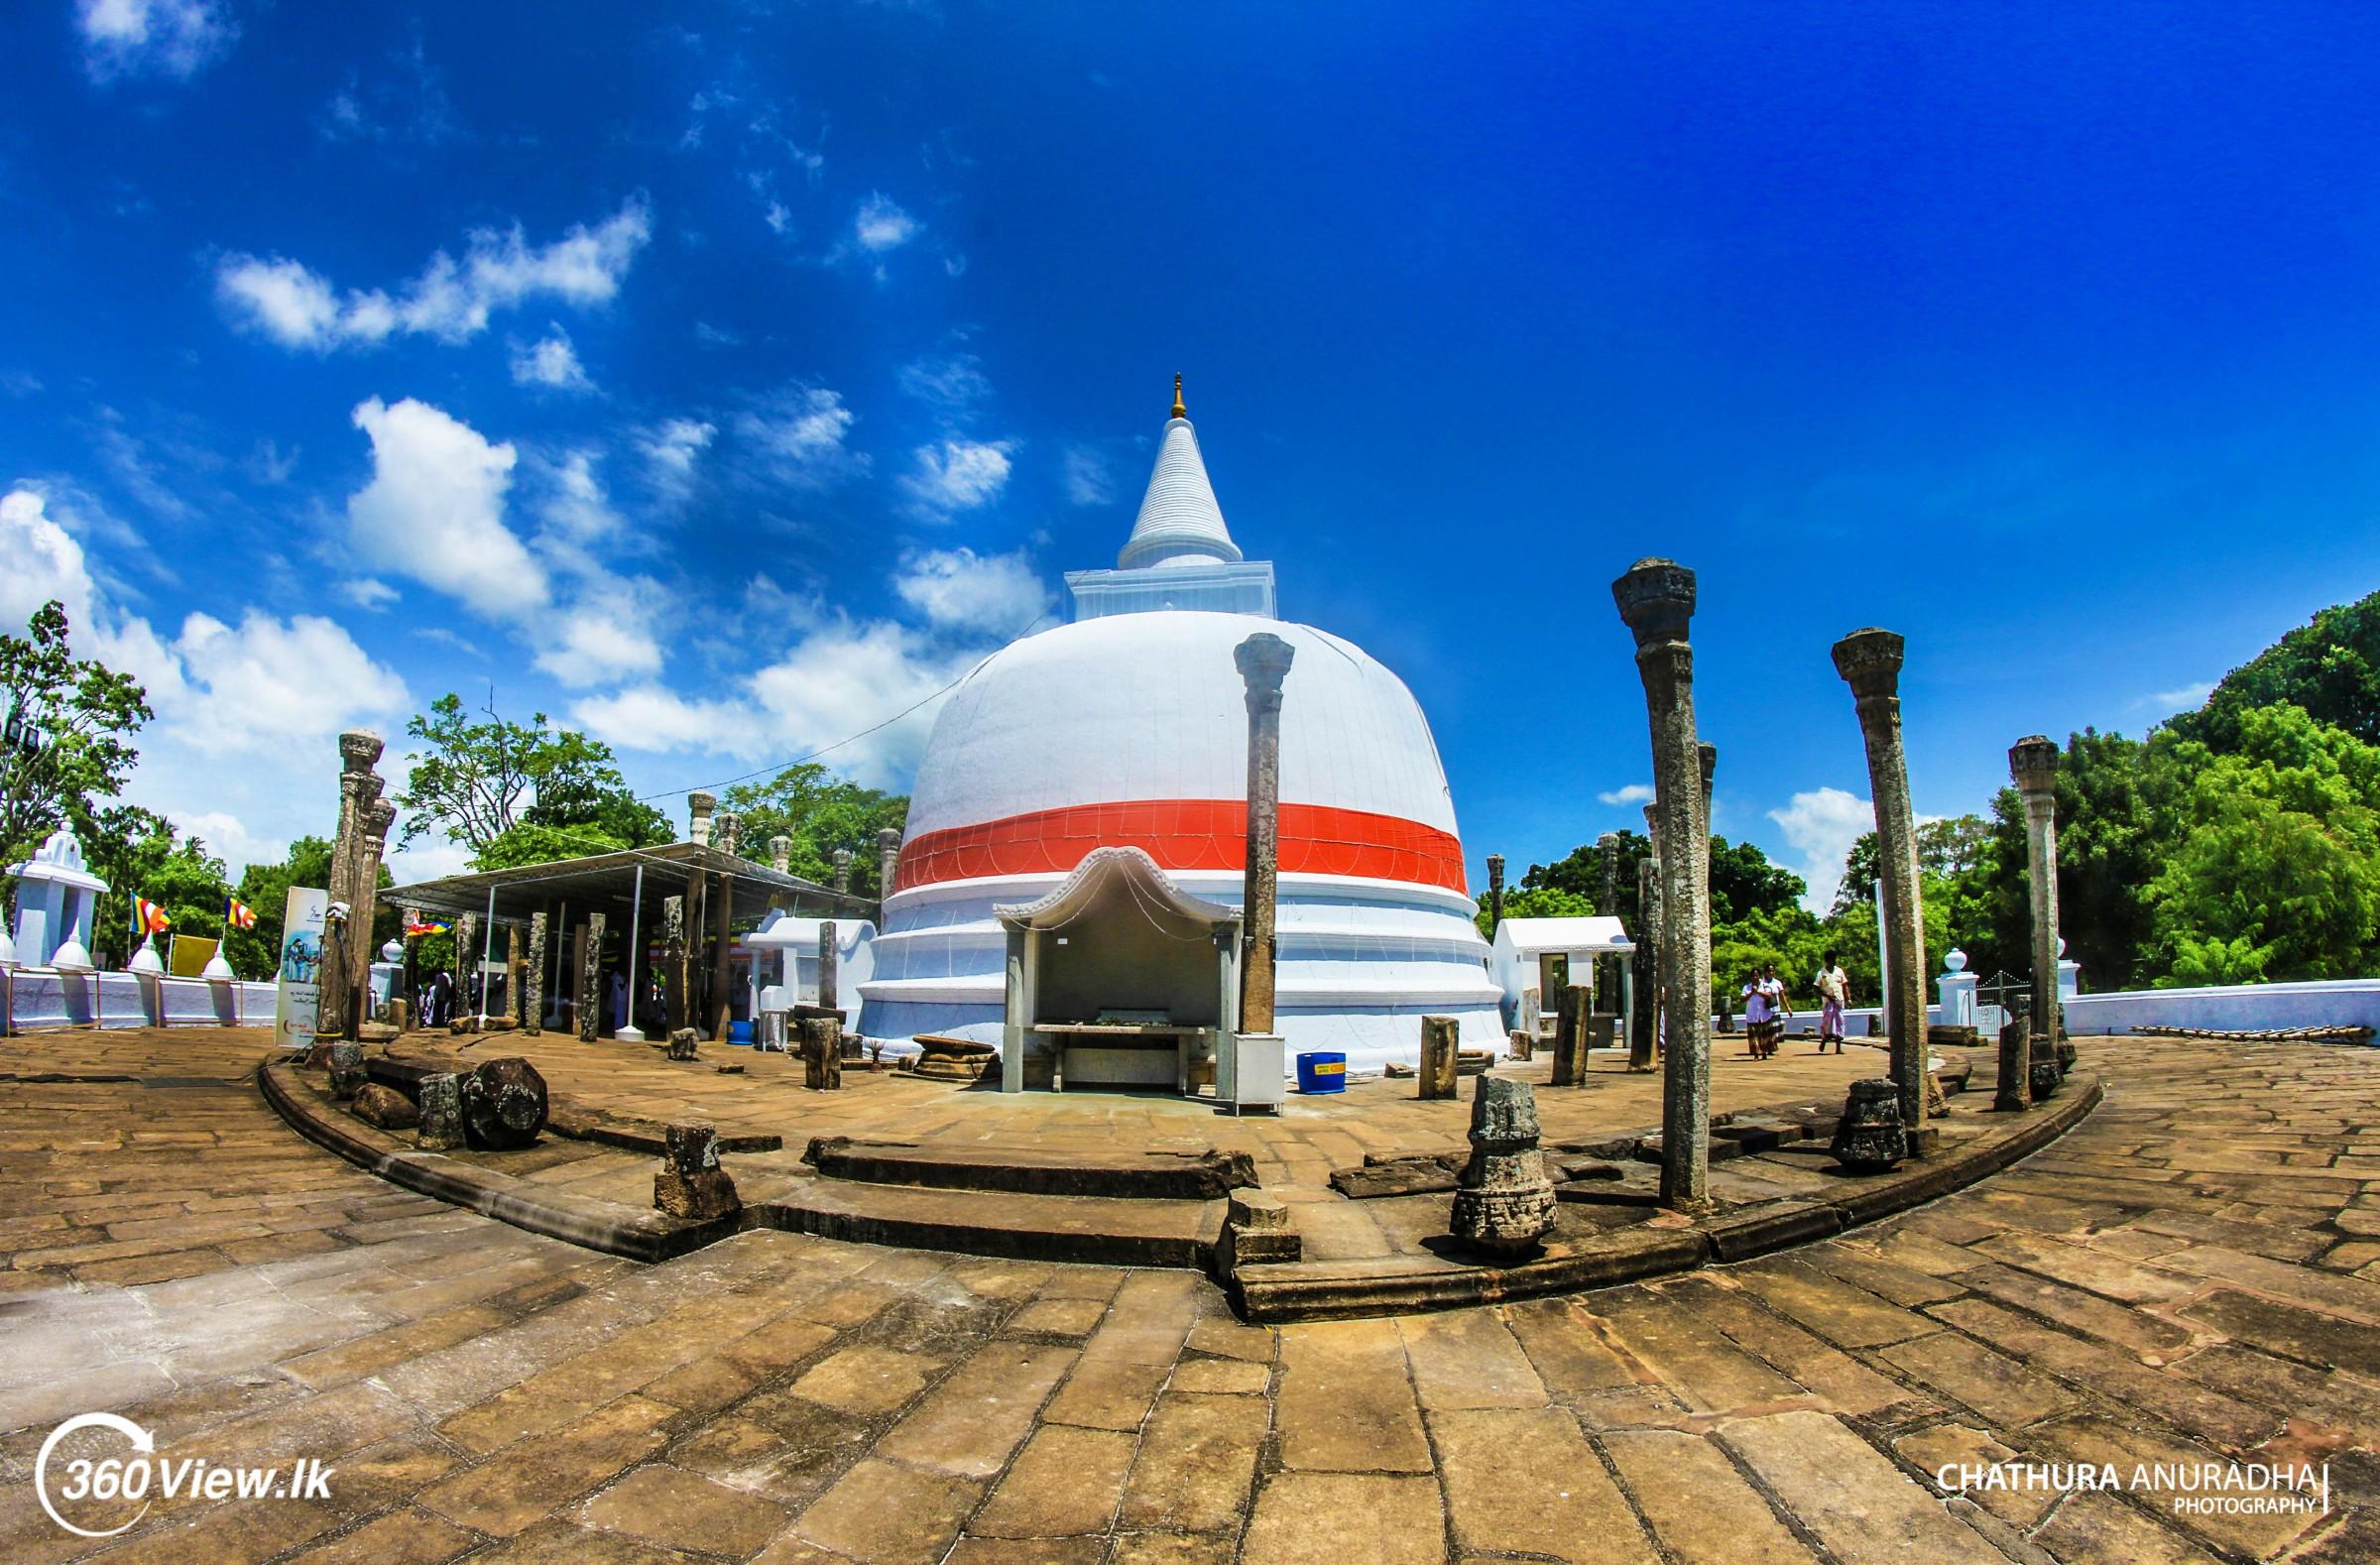 Anuradhapura Lankaramaya – A Stupa Long Ago